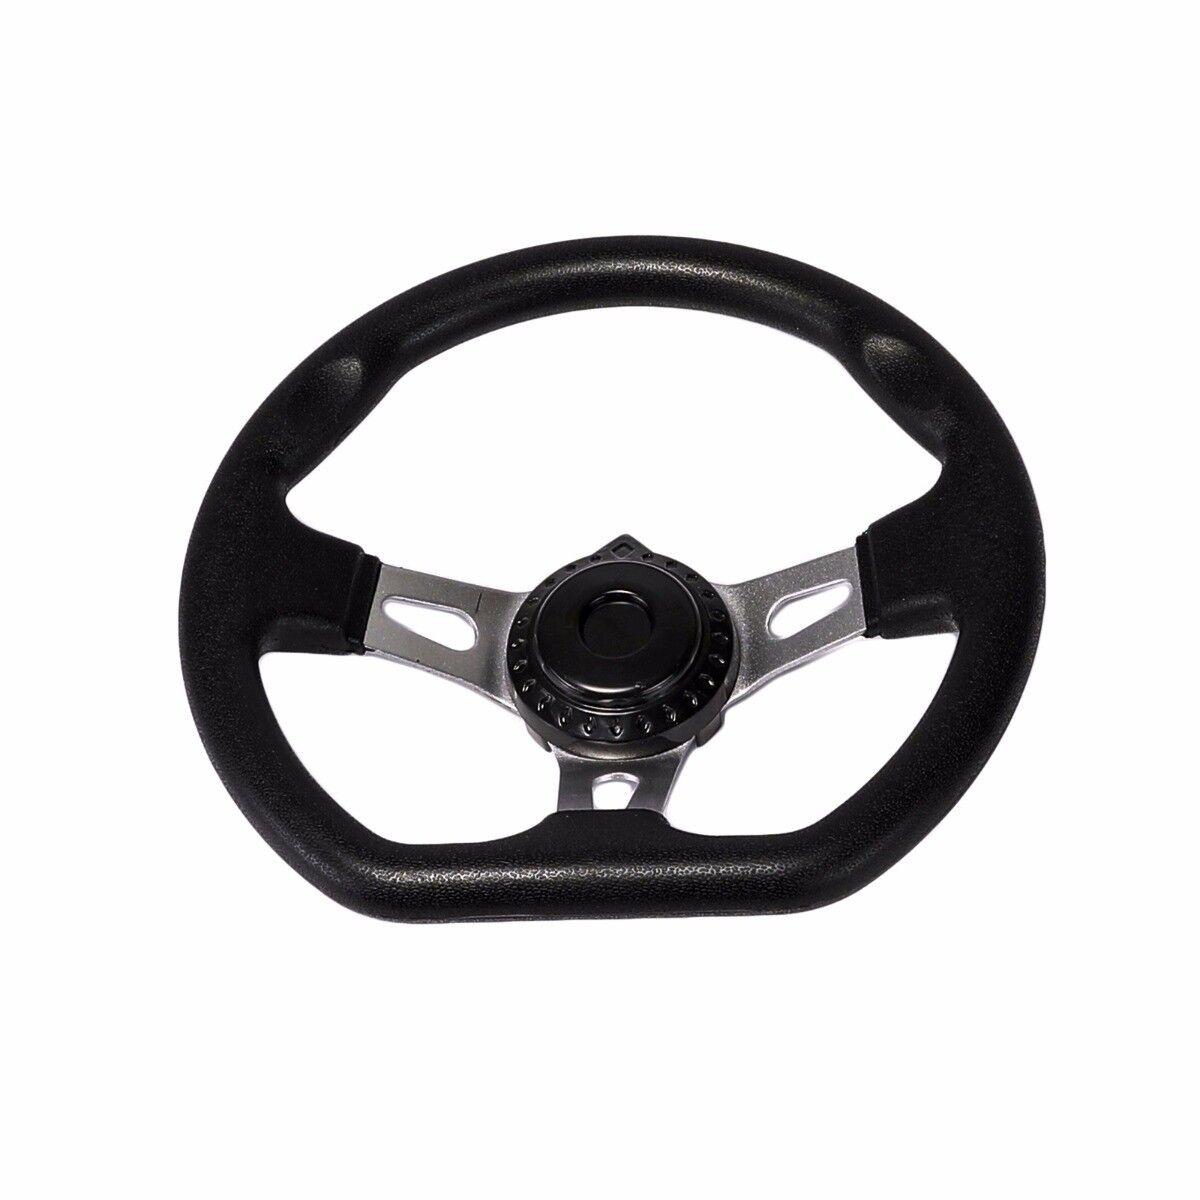 270mm Steering Wheel Racing Off road Sport Go kart Gas Go Cart